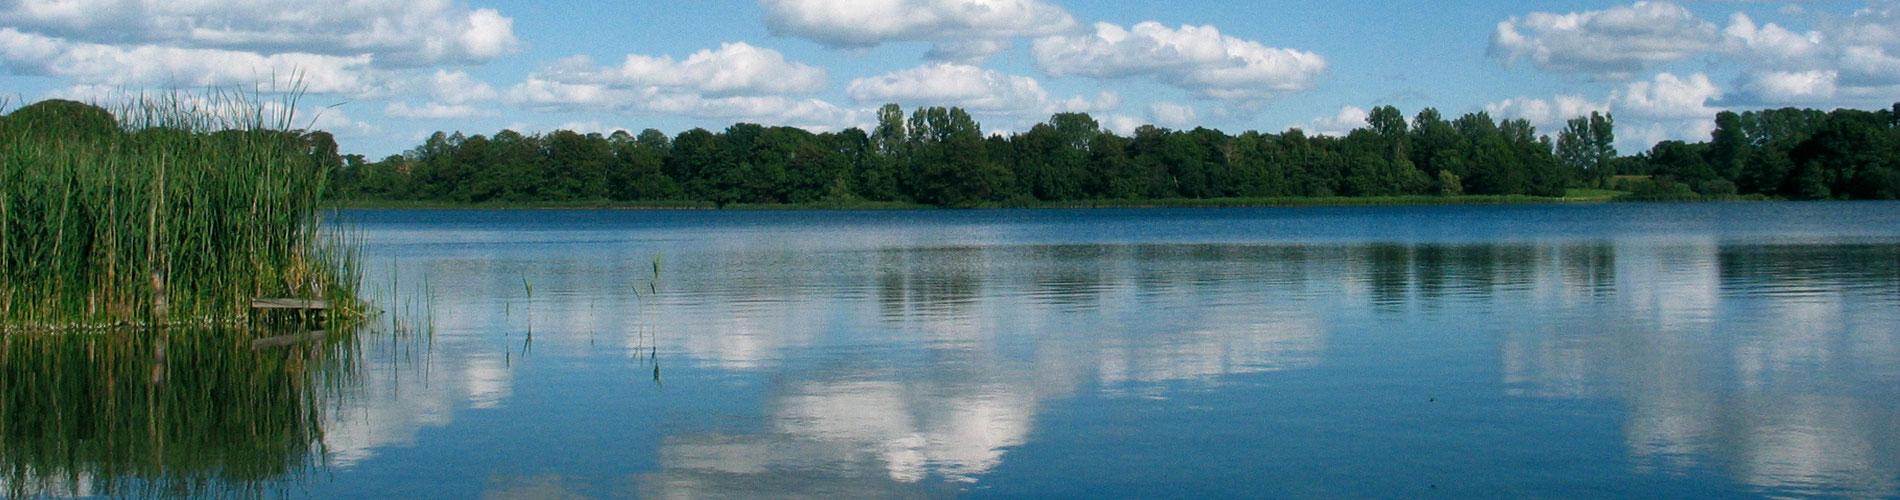 Gewässer - Landesverband der Wasser- und Bodenverbände